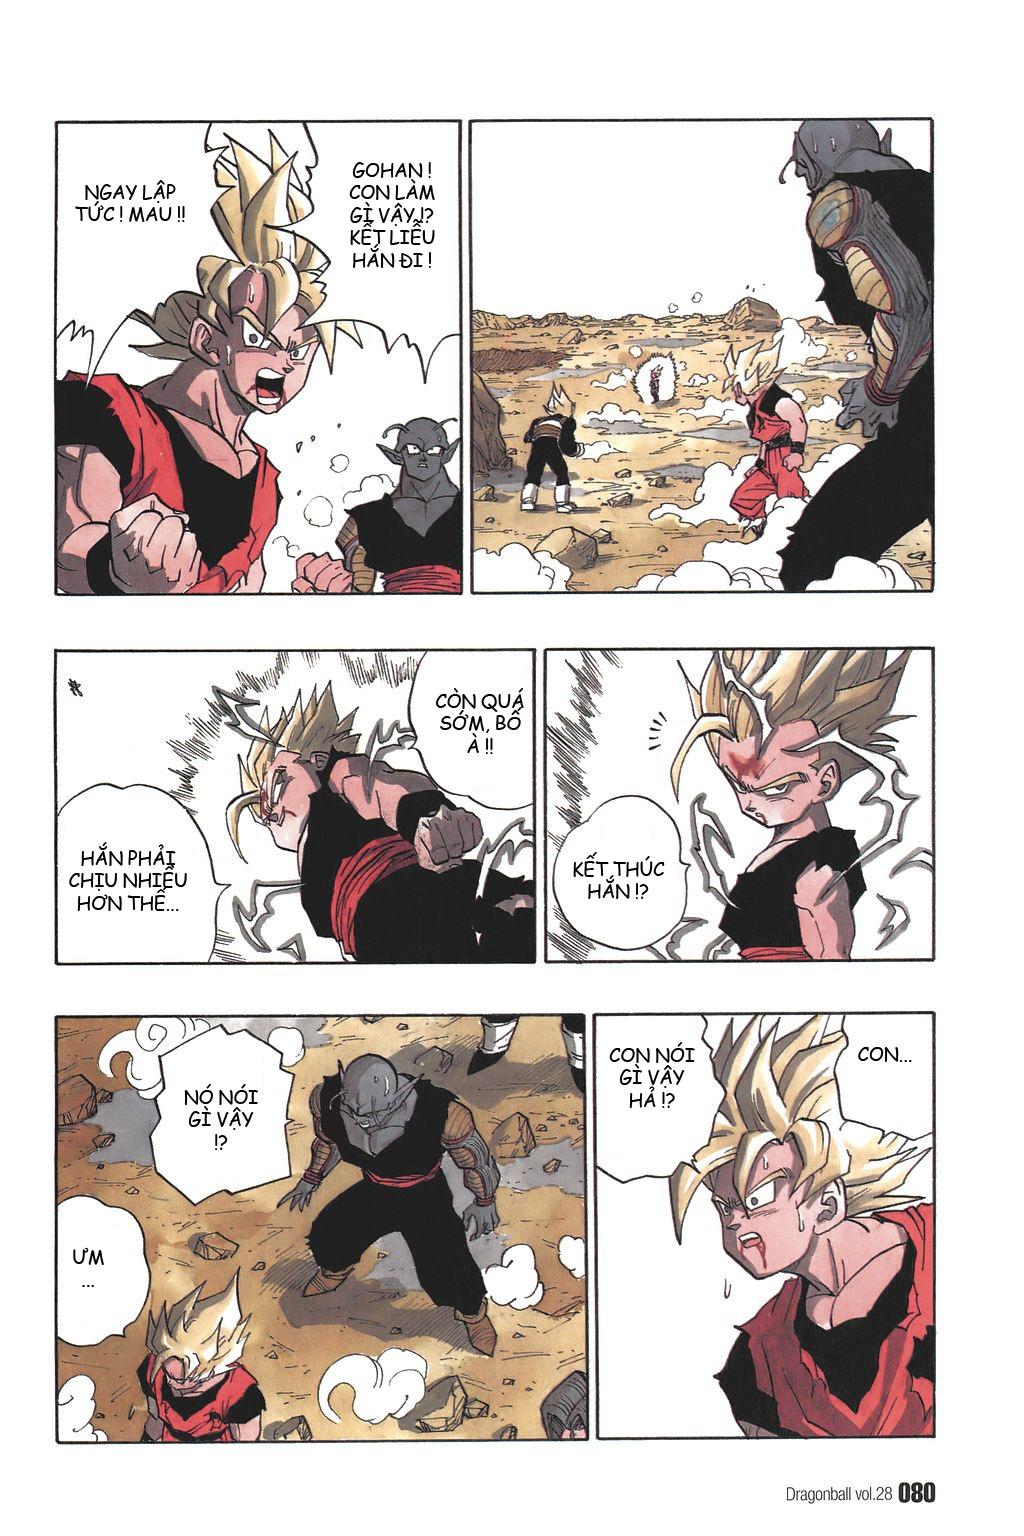 xem truyen moi - Dragon Ball Bản Vip - Bản Đẹp Nguyên Gốc Chap 411